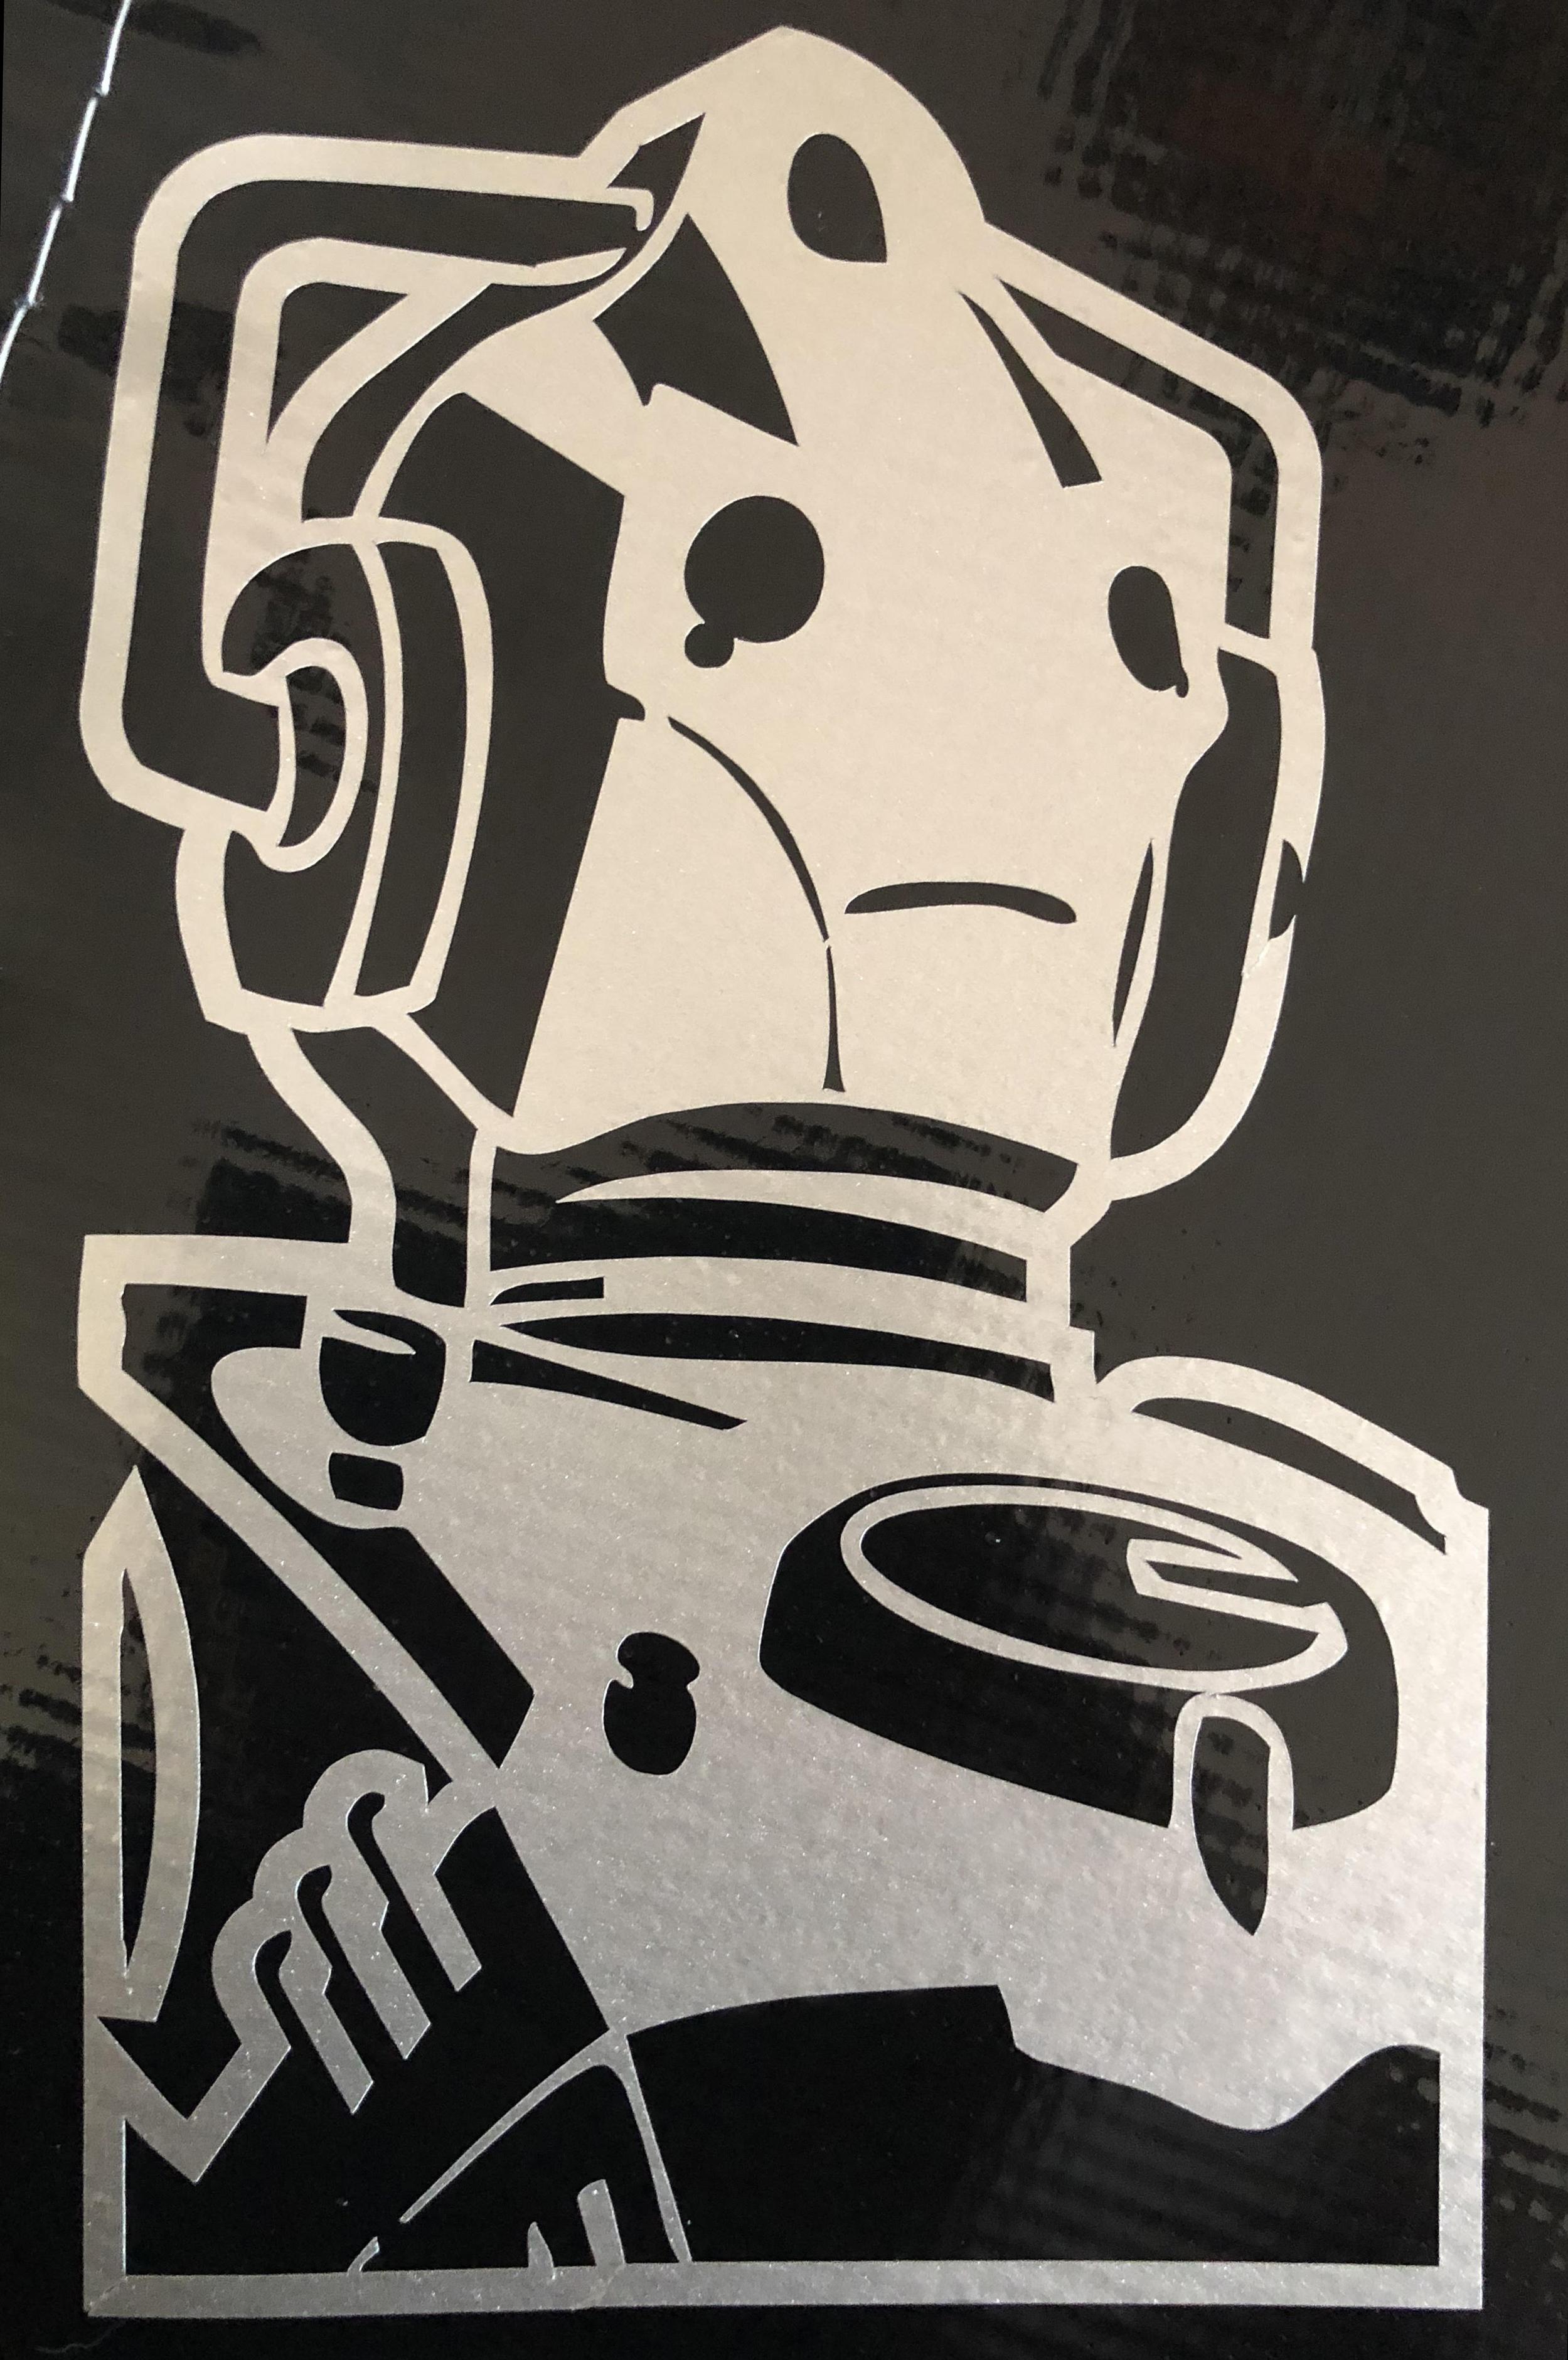 Doctor-Who-Cyberman